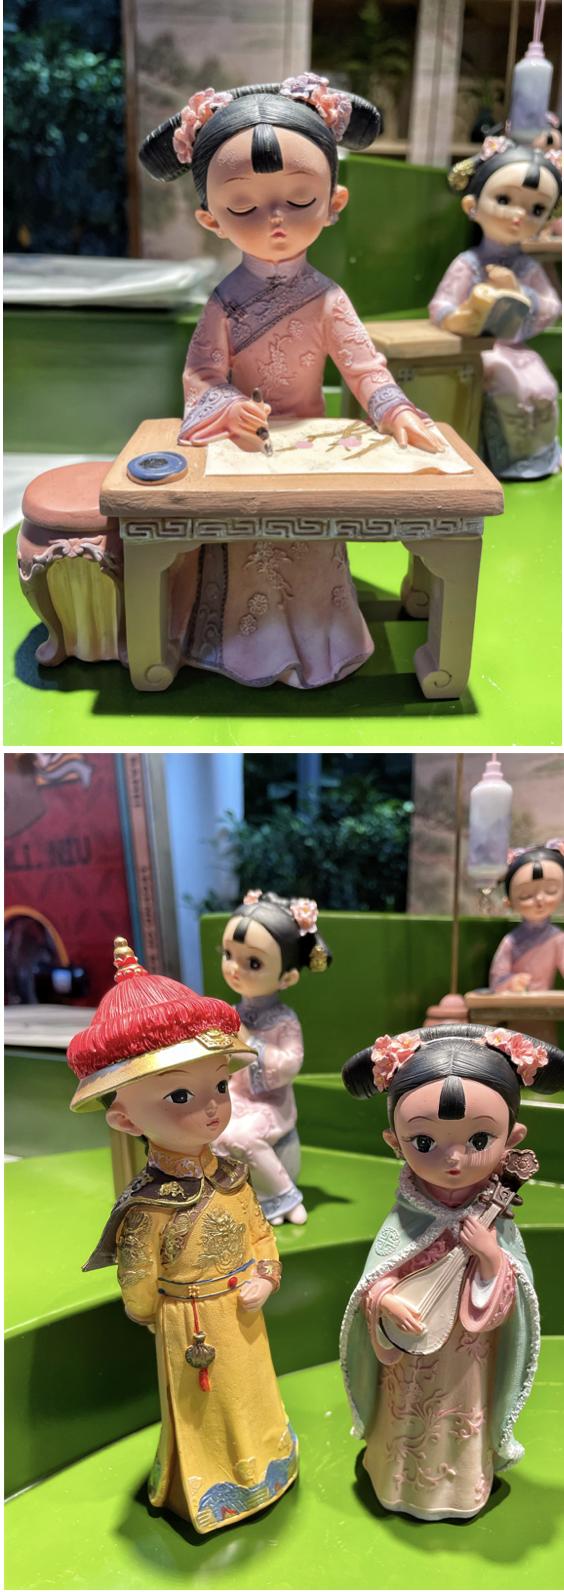 讲好中国故事:用摄影呈现非遗之美